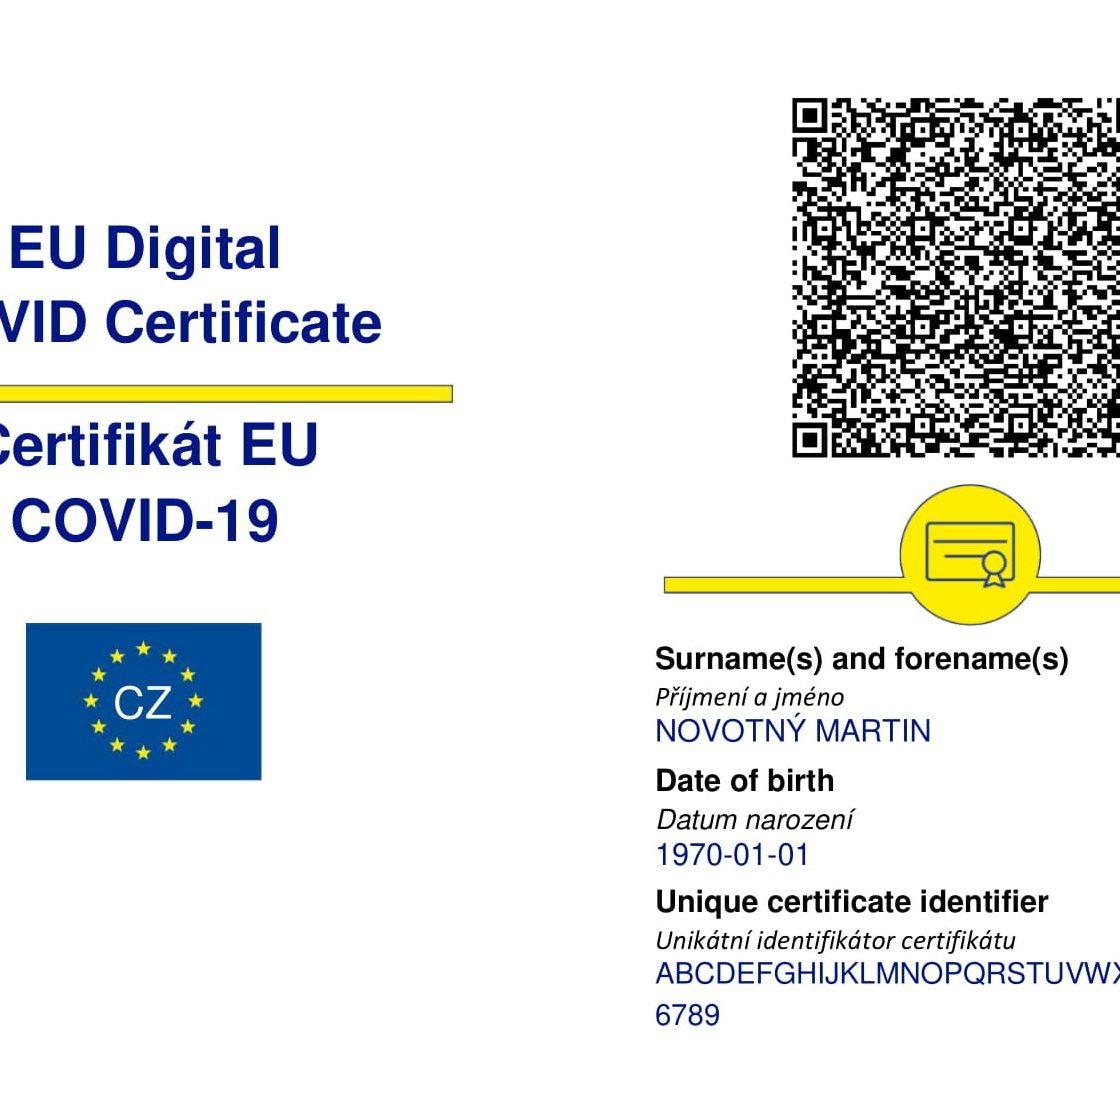 Vzor očkovacího certifikátu COVID-19